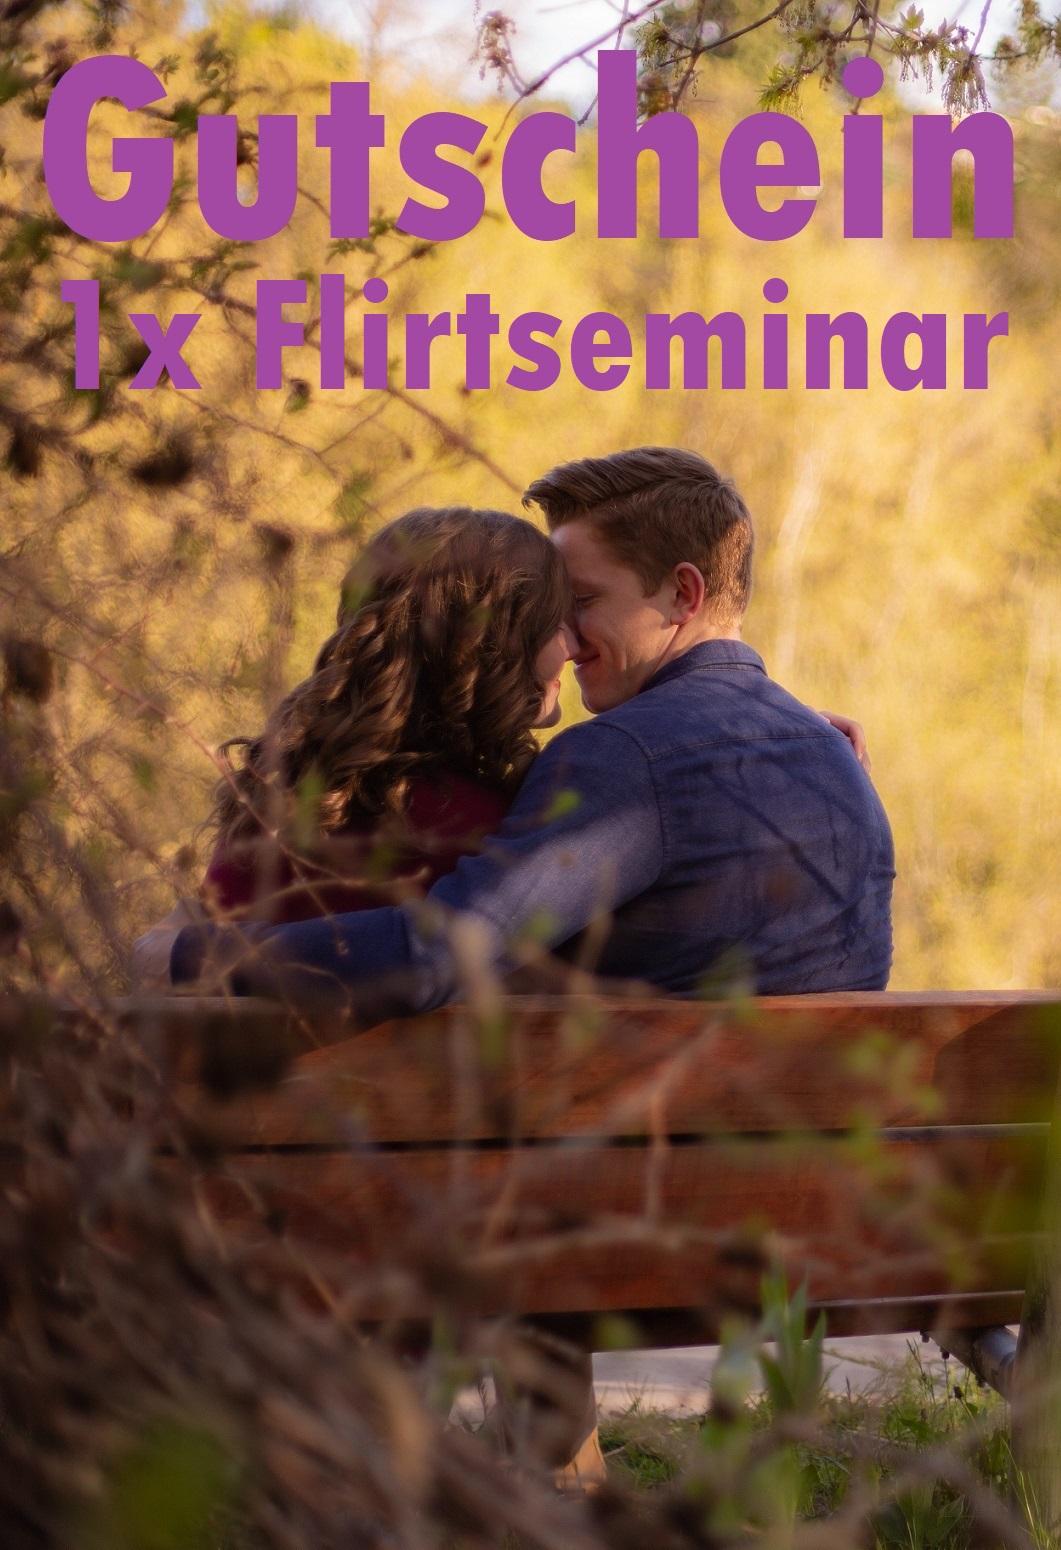 Gutscheinvorlage für Flirtseminare